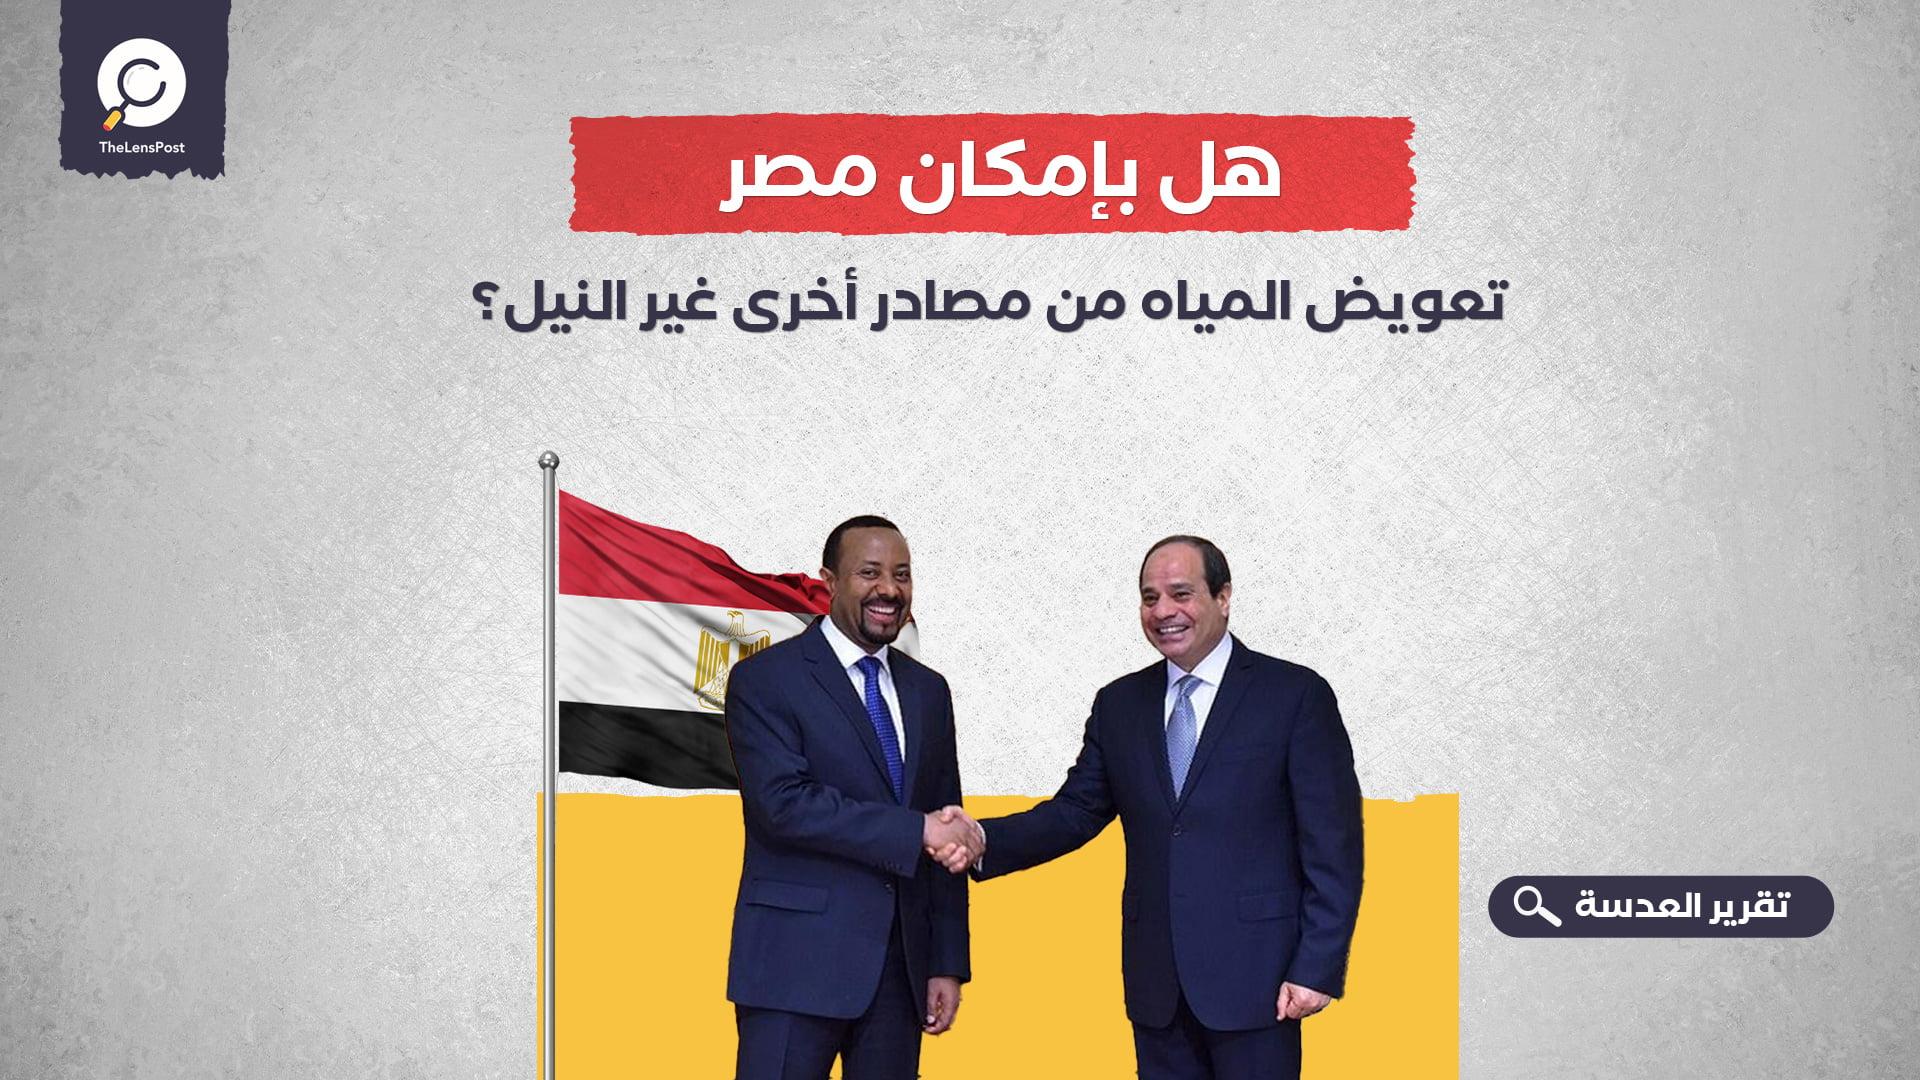 هل بإمكان مصر تعويض المياه من مصادر أخرى غير النيل؟